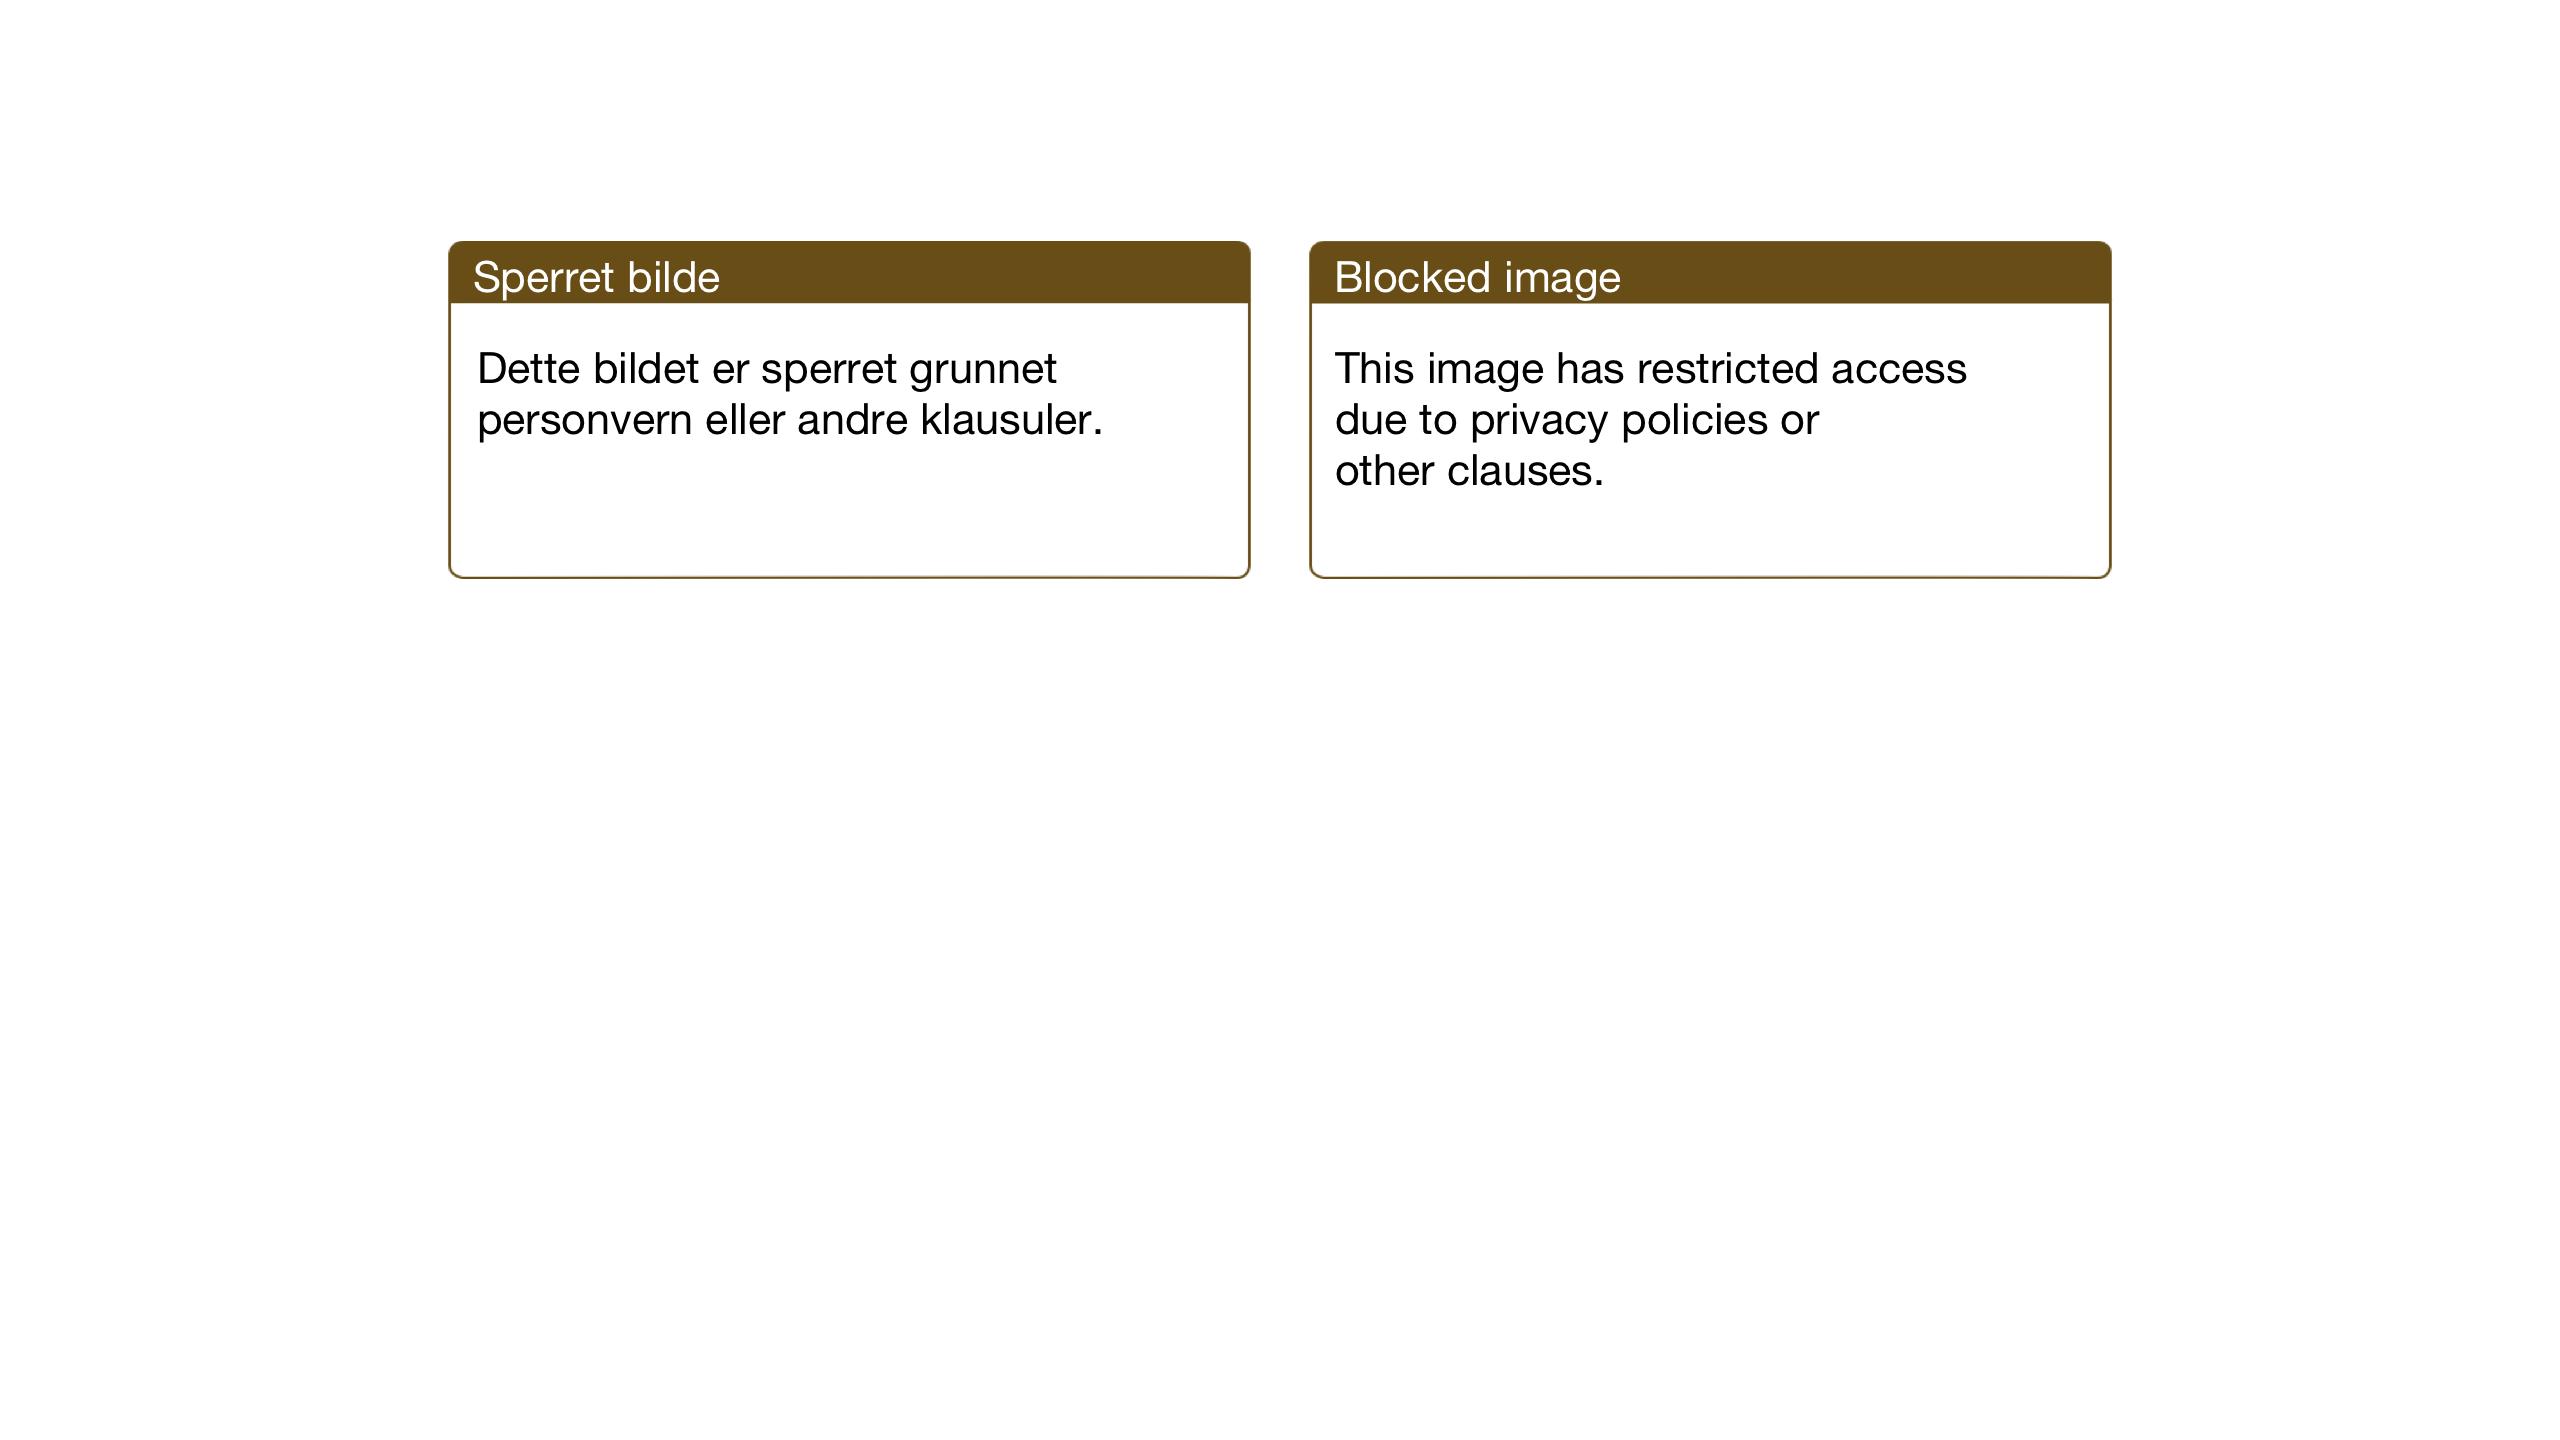 SAT, Ministerialprotokoller, klokkerbøker og fødselsregistre - Sør-Trøndelag, 674/L0878: Klokkerbok nr. 674C05, 1941-1950, s. 39